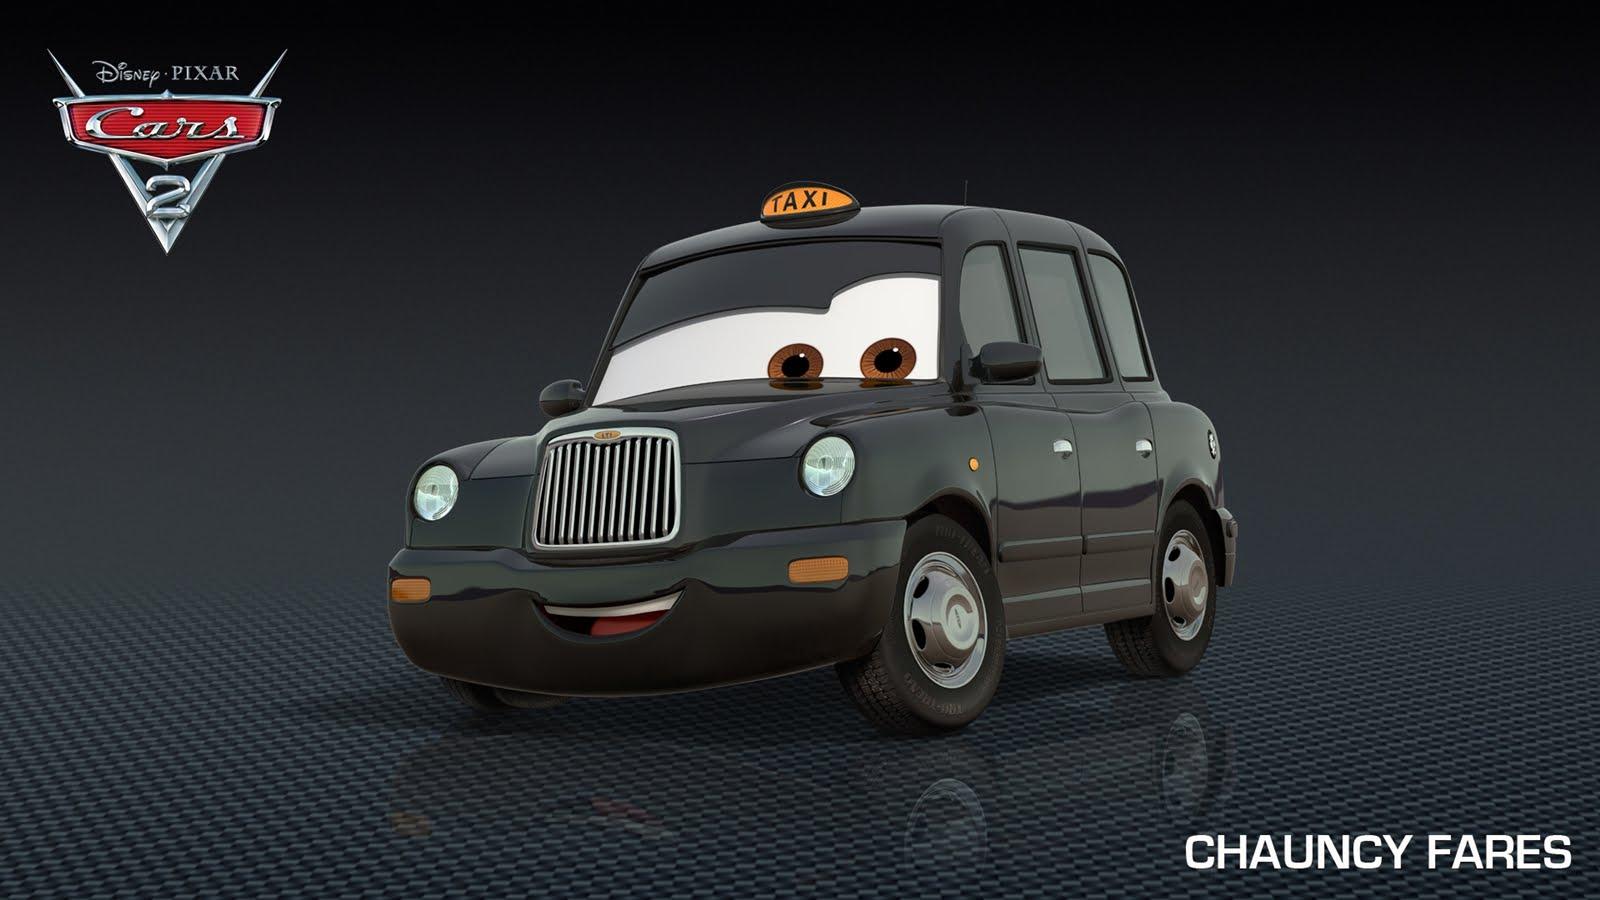 Chauncy fares es un taxi negro de londres que sabe cualquier lugar